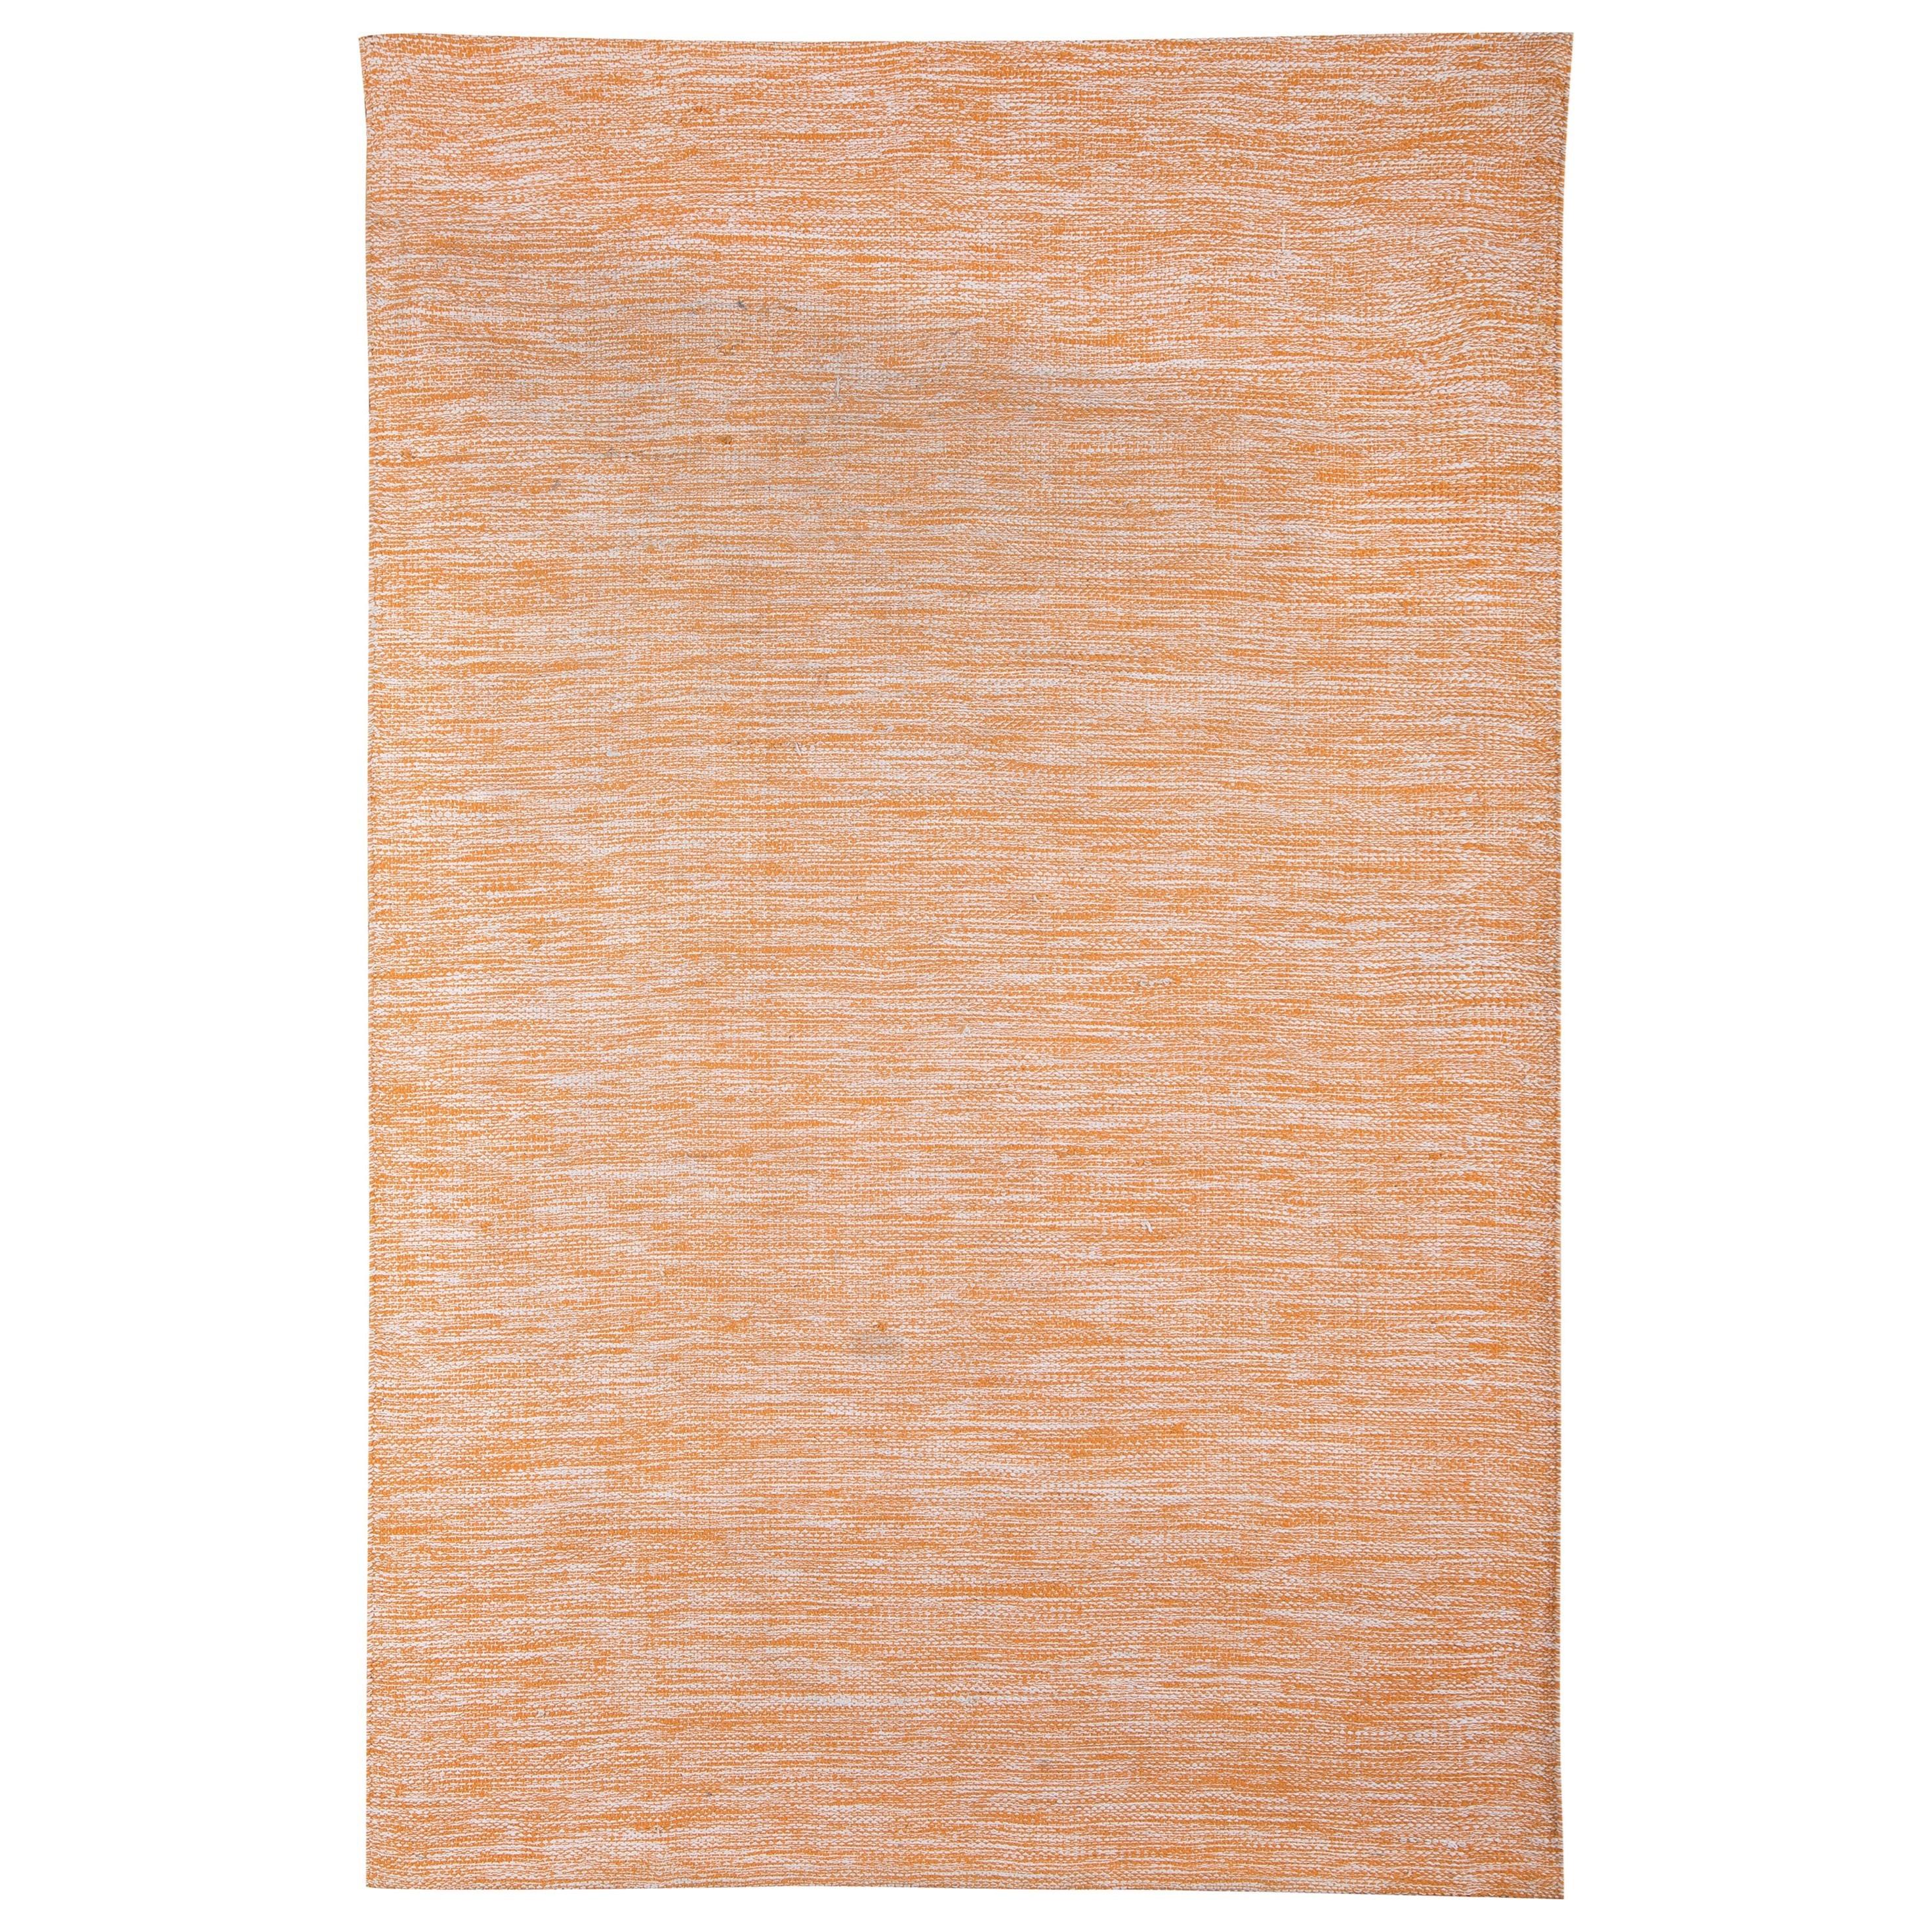 Signature Design by Ashley Contemporary Area Rugs Serphina Orange Medium Rug - Item Number: R400202